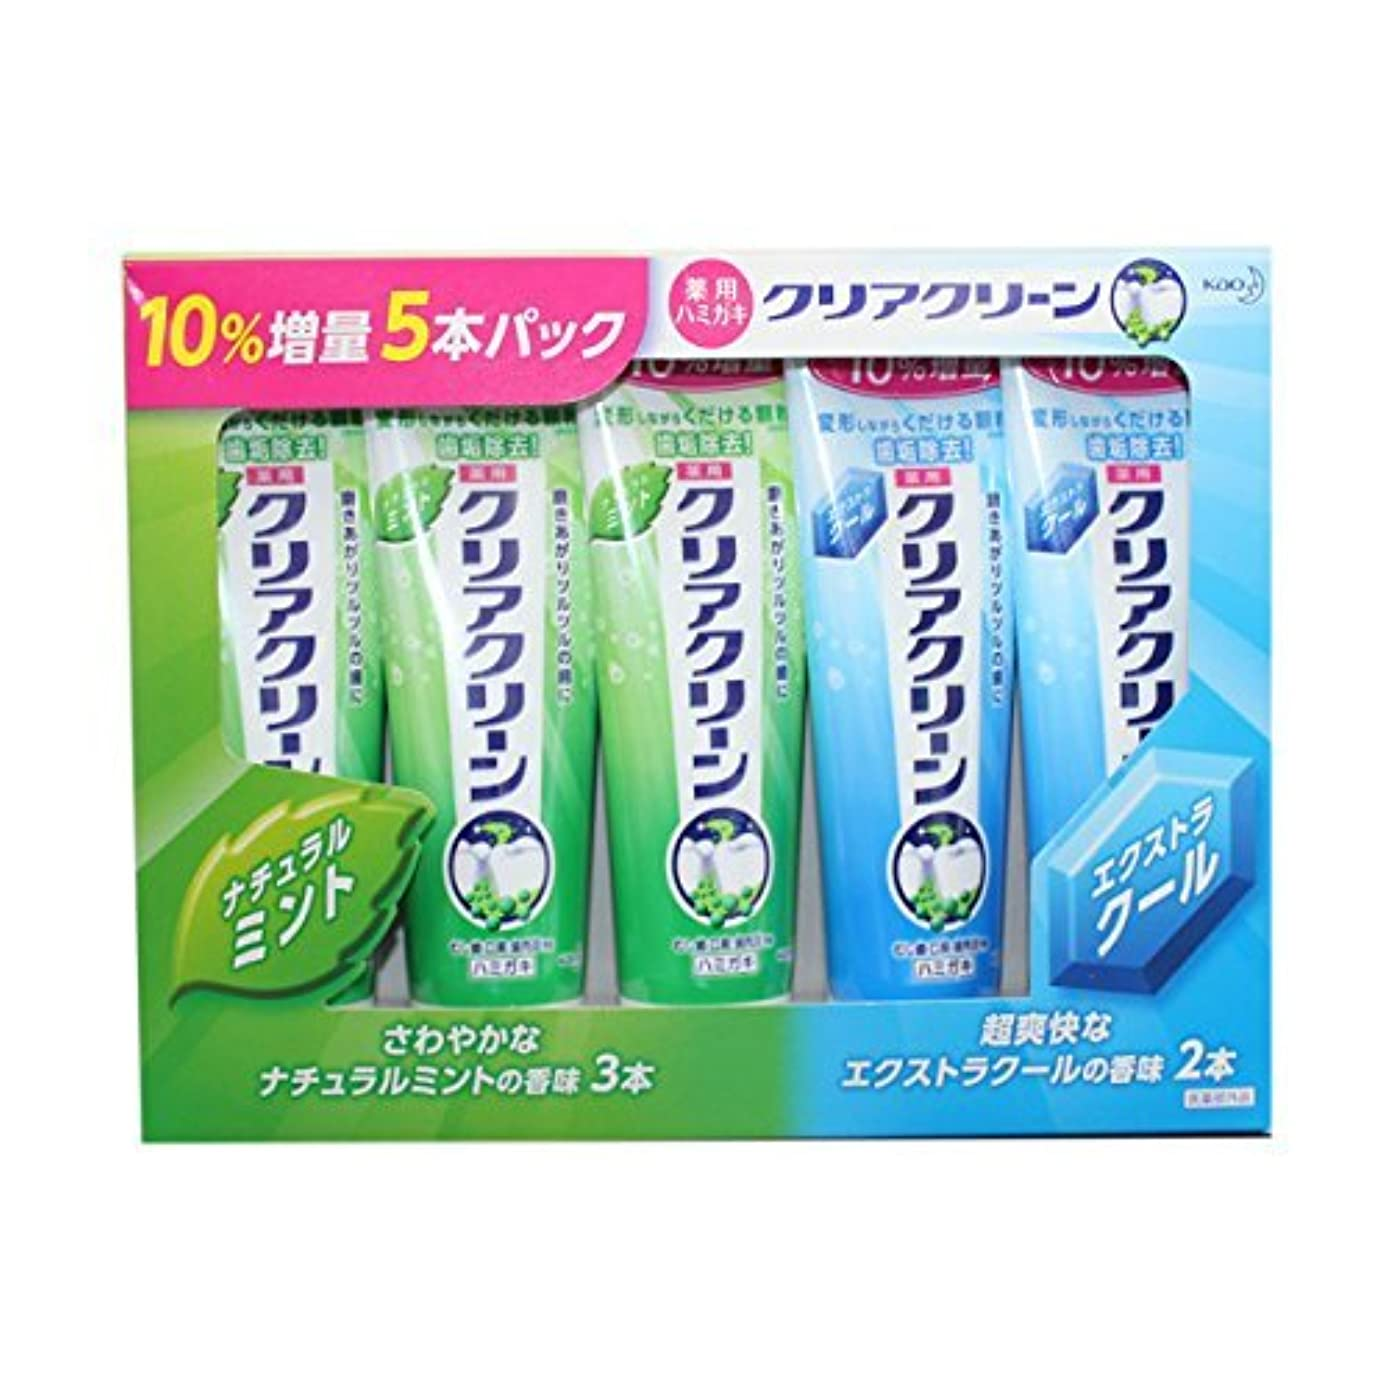 広告する気がついて絶え間ないクリアクリーン 143gx5本セット(ナチュラルミントx3/エクストラクールx2) 10%増量セット 歯磨き粉